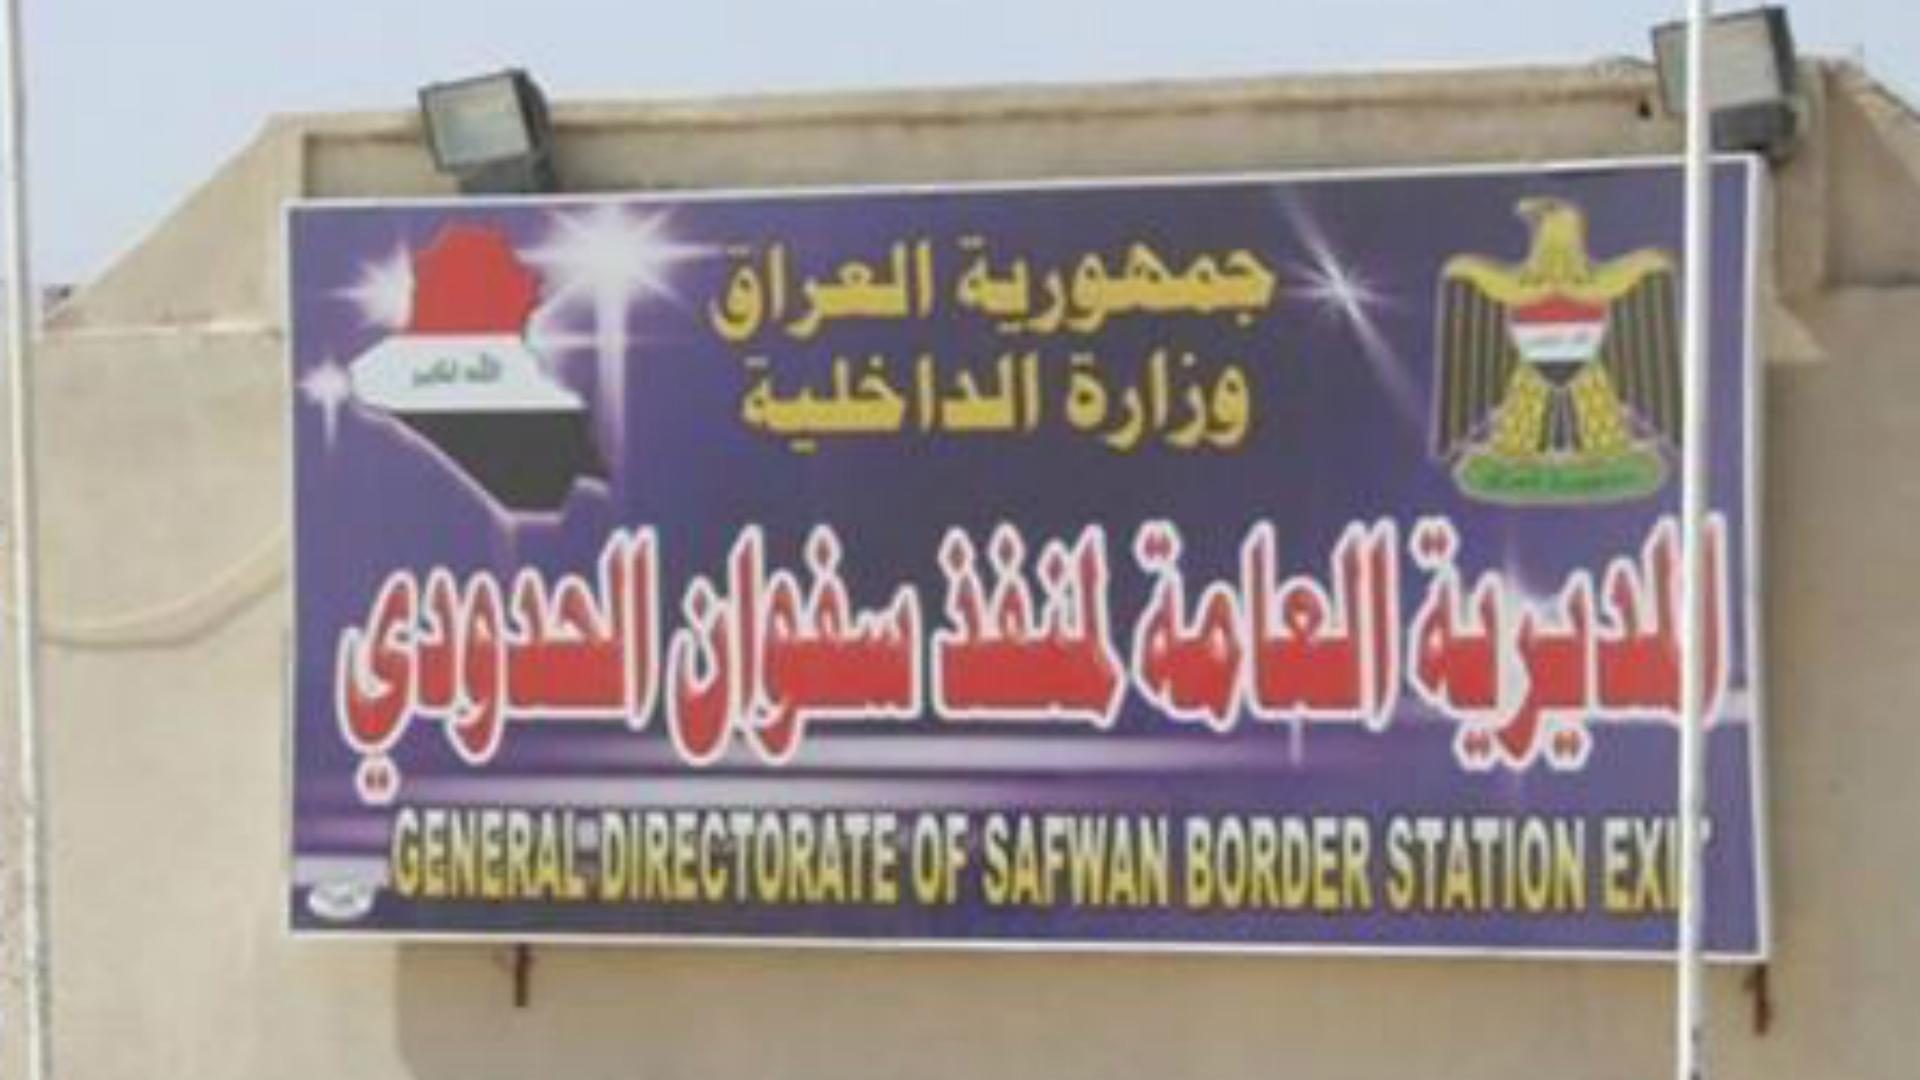 عراقيون يصلون البصرة بعد أن كانوا عالقين في الكويت